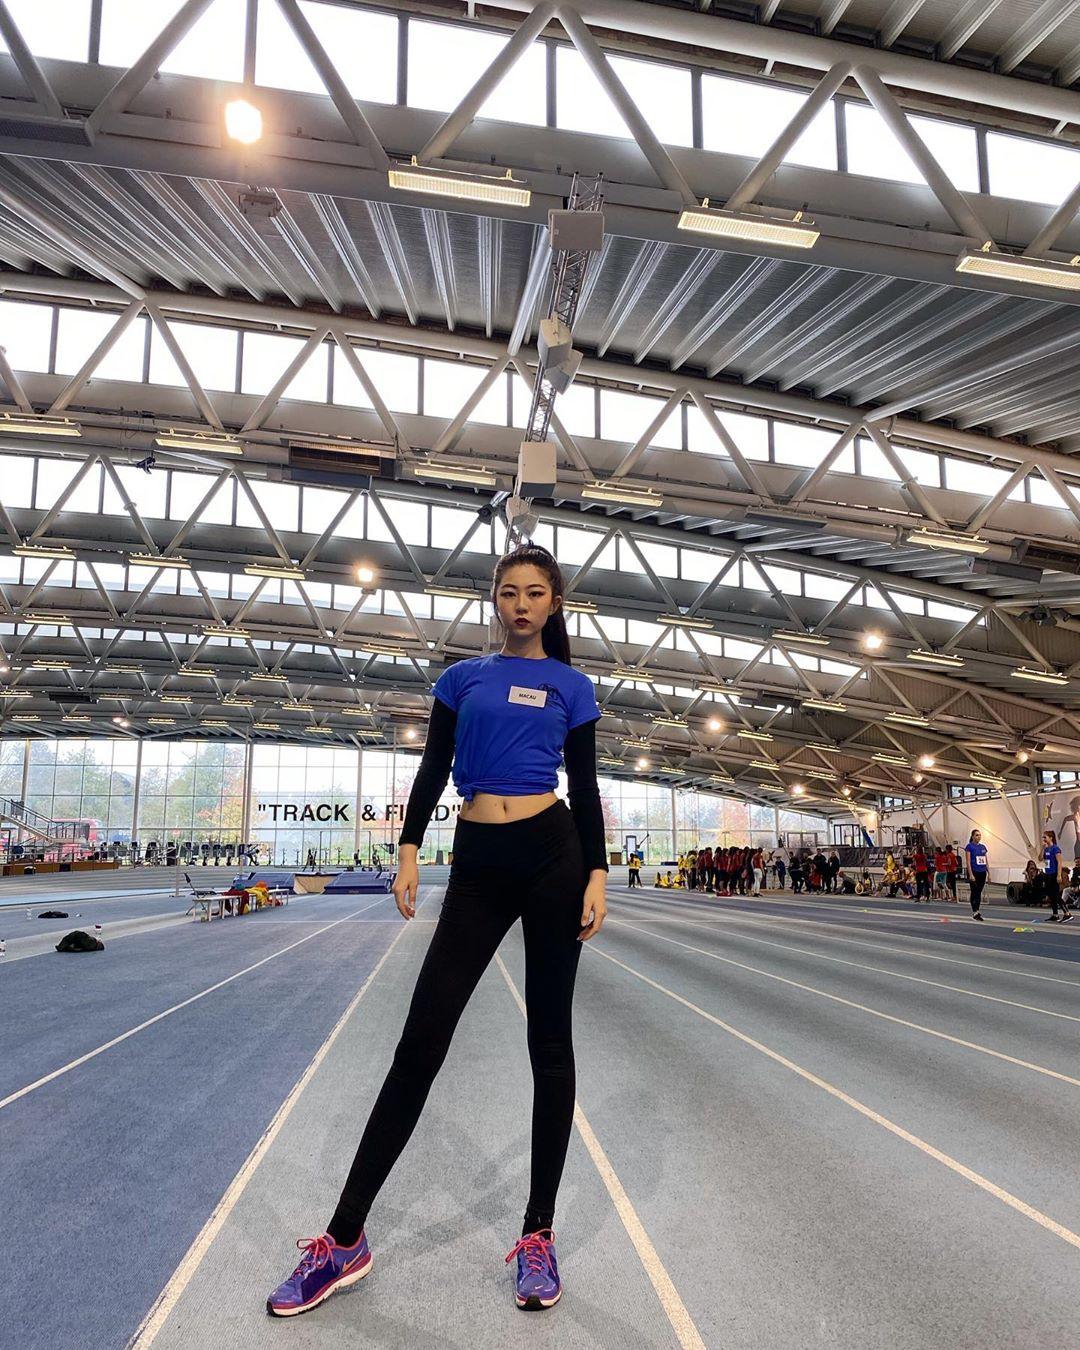 fast track miss sport de miss  world 2019. - Página 2 IuL6LF